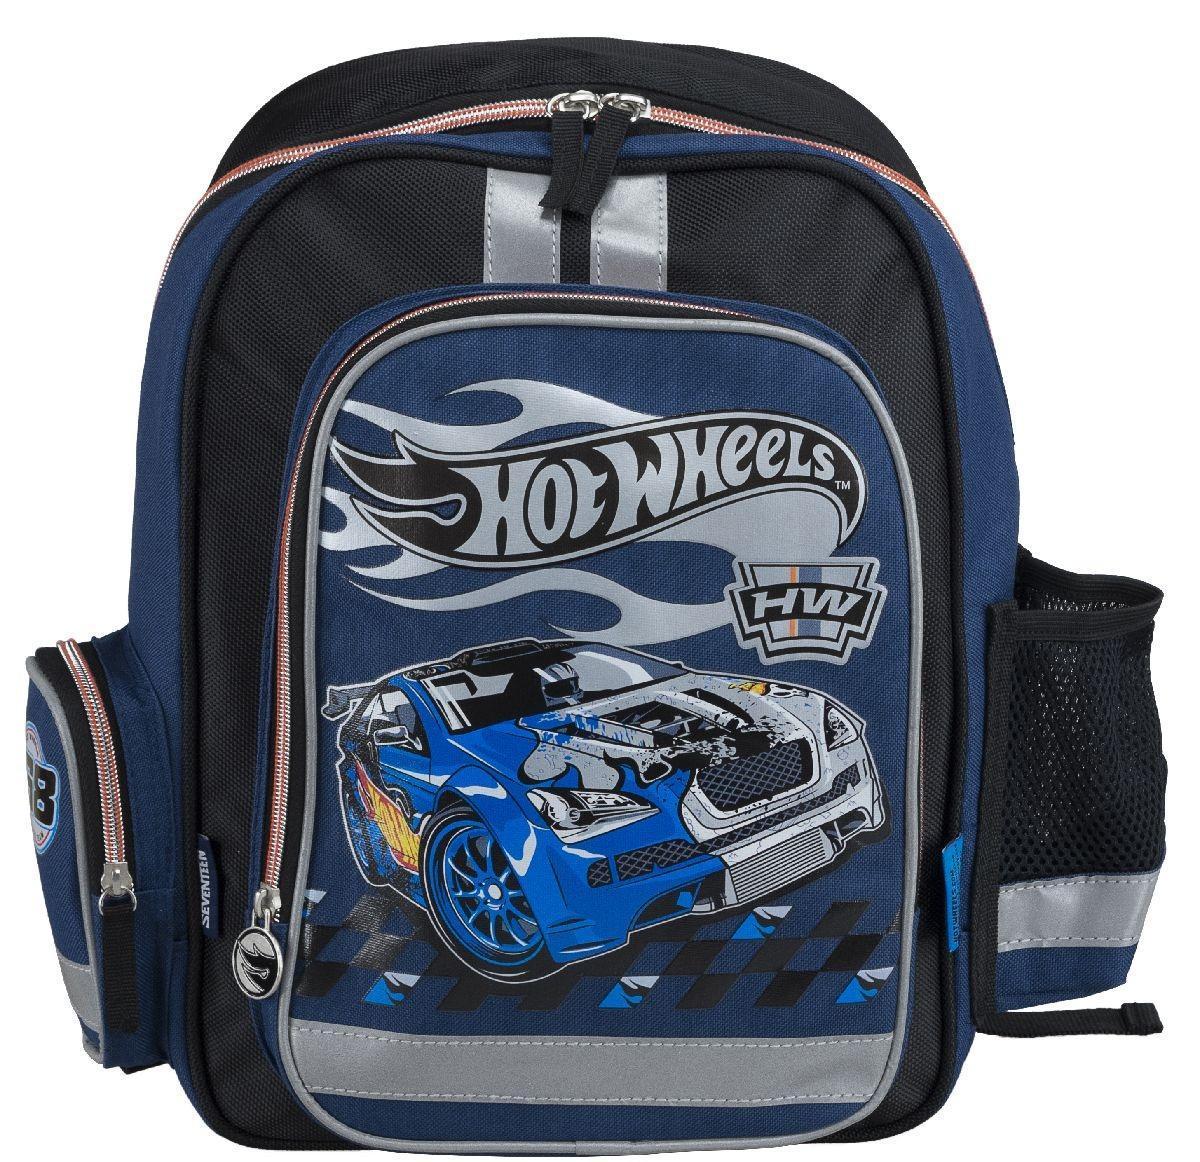 Рюкзак школьный Mattel Hot Wheels, цвет: черный, синий72523WDРюкзак школьный Mattel Hot Wheels обязательно понравится вашему школьнику. Он выполнен из плотного материла черного и серого цвета с аппликациями. Содержит одно вместительное отделение, закрывающееся на застежку-молнию с двумя бегунками. В отделении находятся две мягкие перегородки для тетрадей или учебников и большой карман-сетка. На лицевой части рюкзак дополнен накладным карманом на молнии. По бокам ранца имеются открытые накладные карманы на резинке. Рюкзак дополнен светоотражающими вставками. Конструкция спинки дополнена эргономичными подушечками, противоскользящей сеточкой и системой вентиляции для предотвращения запотевания спины ребенка. Мягкие широкие лямки позволяют легко и быстро отрегулировать ранец в соответствии с ростом, а также высота лямок изменяется за счет специальных креплений на липучках. Ранец оснащен текстильной ручкой с пластиковым уплотнителем.Многофункциональный школьный ранец станет незаменимым спутником вашего ребенка в походах за знаниями.Рекомендуемый возраст: от 7 лет.